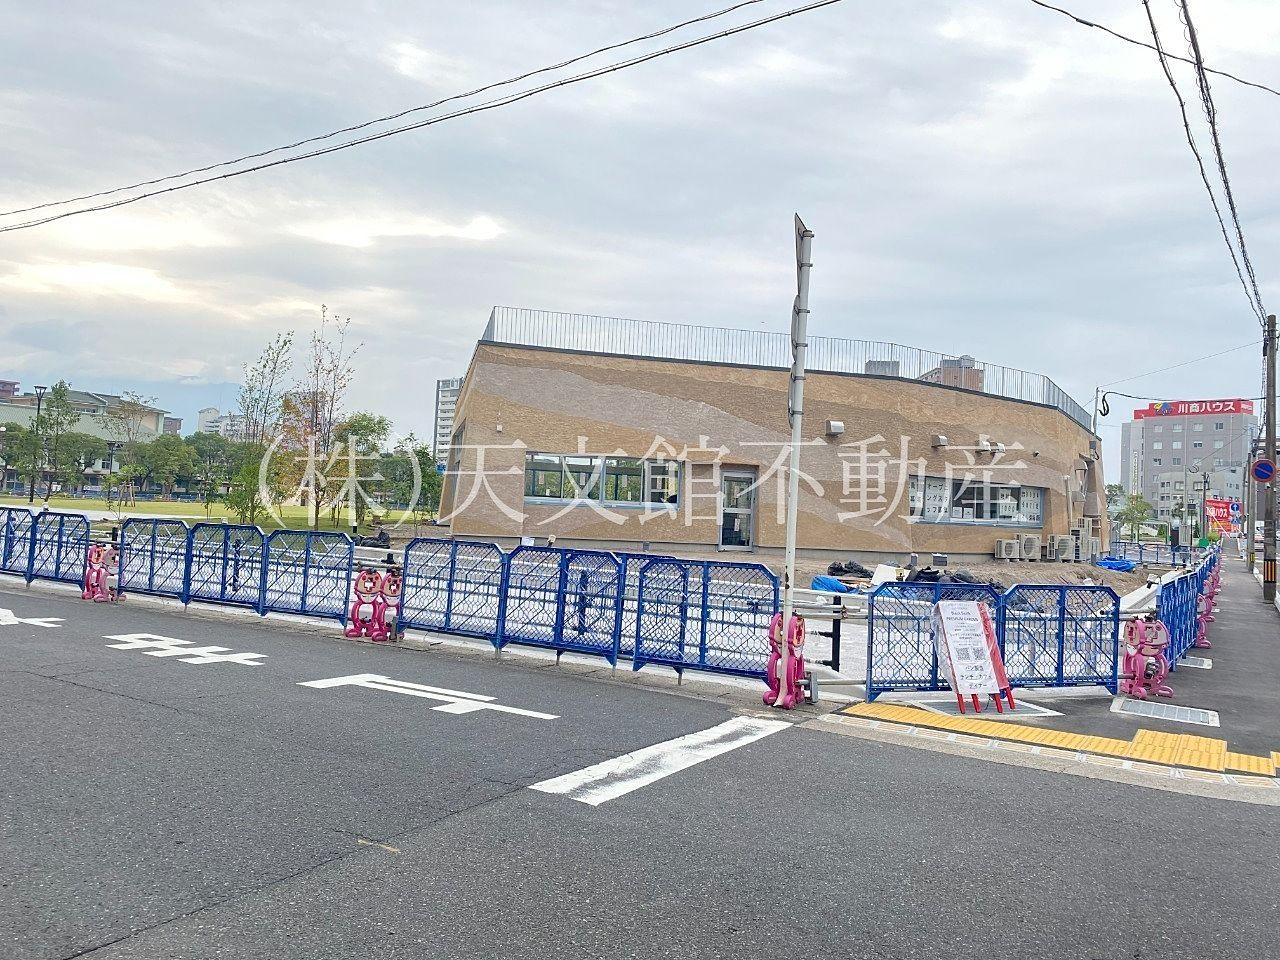 鹿児島市加治屋町に出来た加治屋まちの杜公園は交通機関も便利な場所にあります。マンションの多い商業地域にお住まいの方は、是非、加治屋まちの杜公園に行ってください。